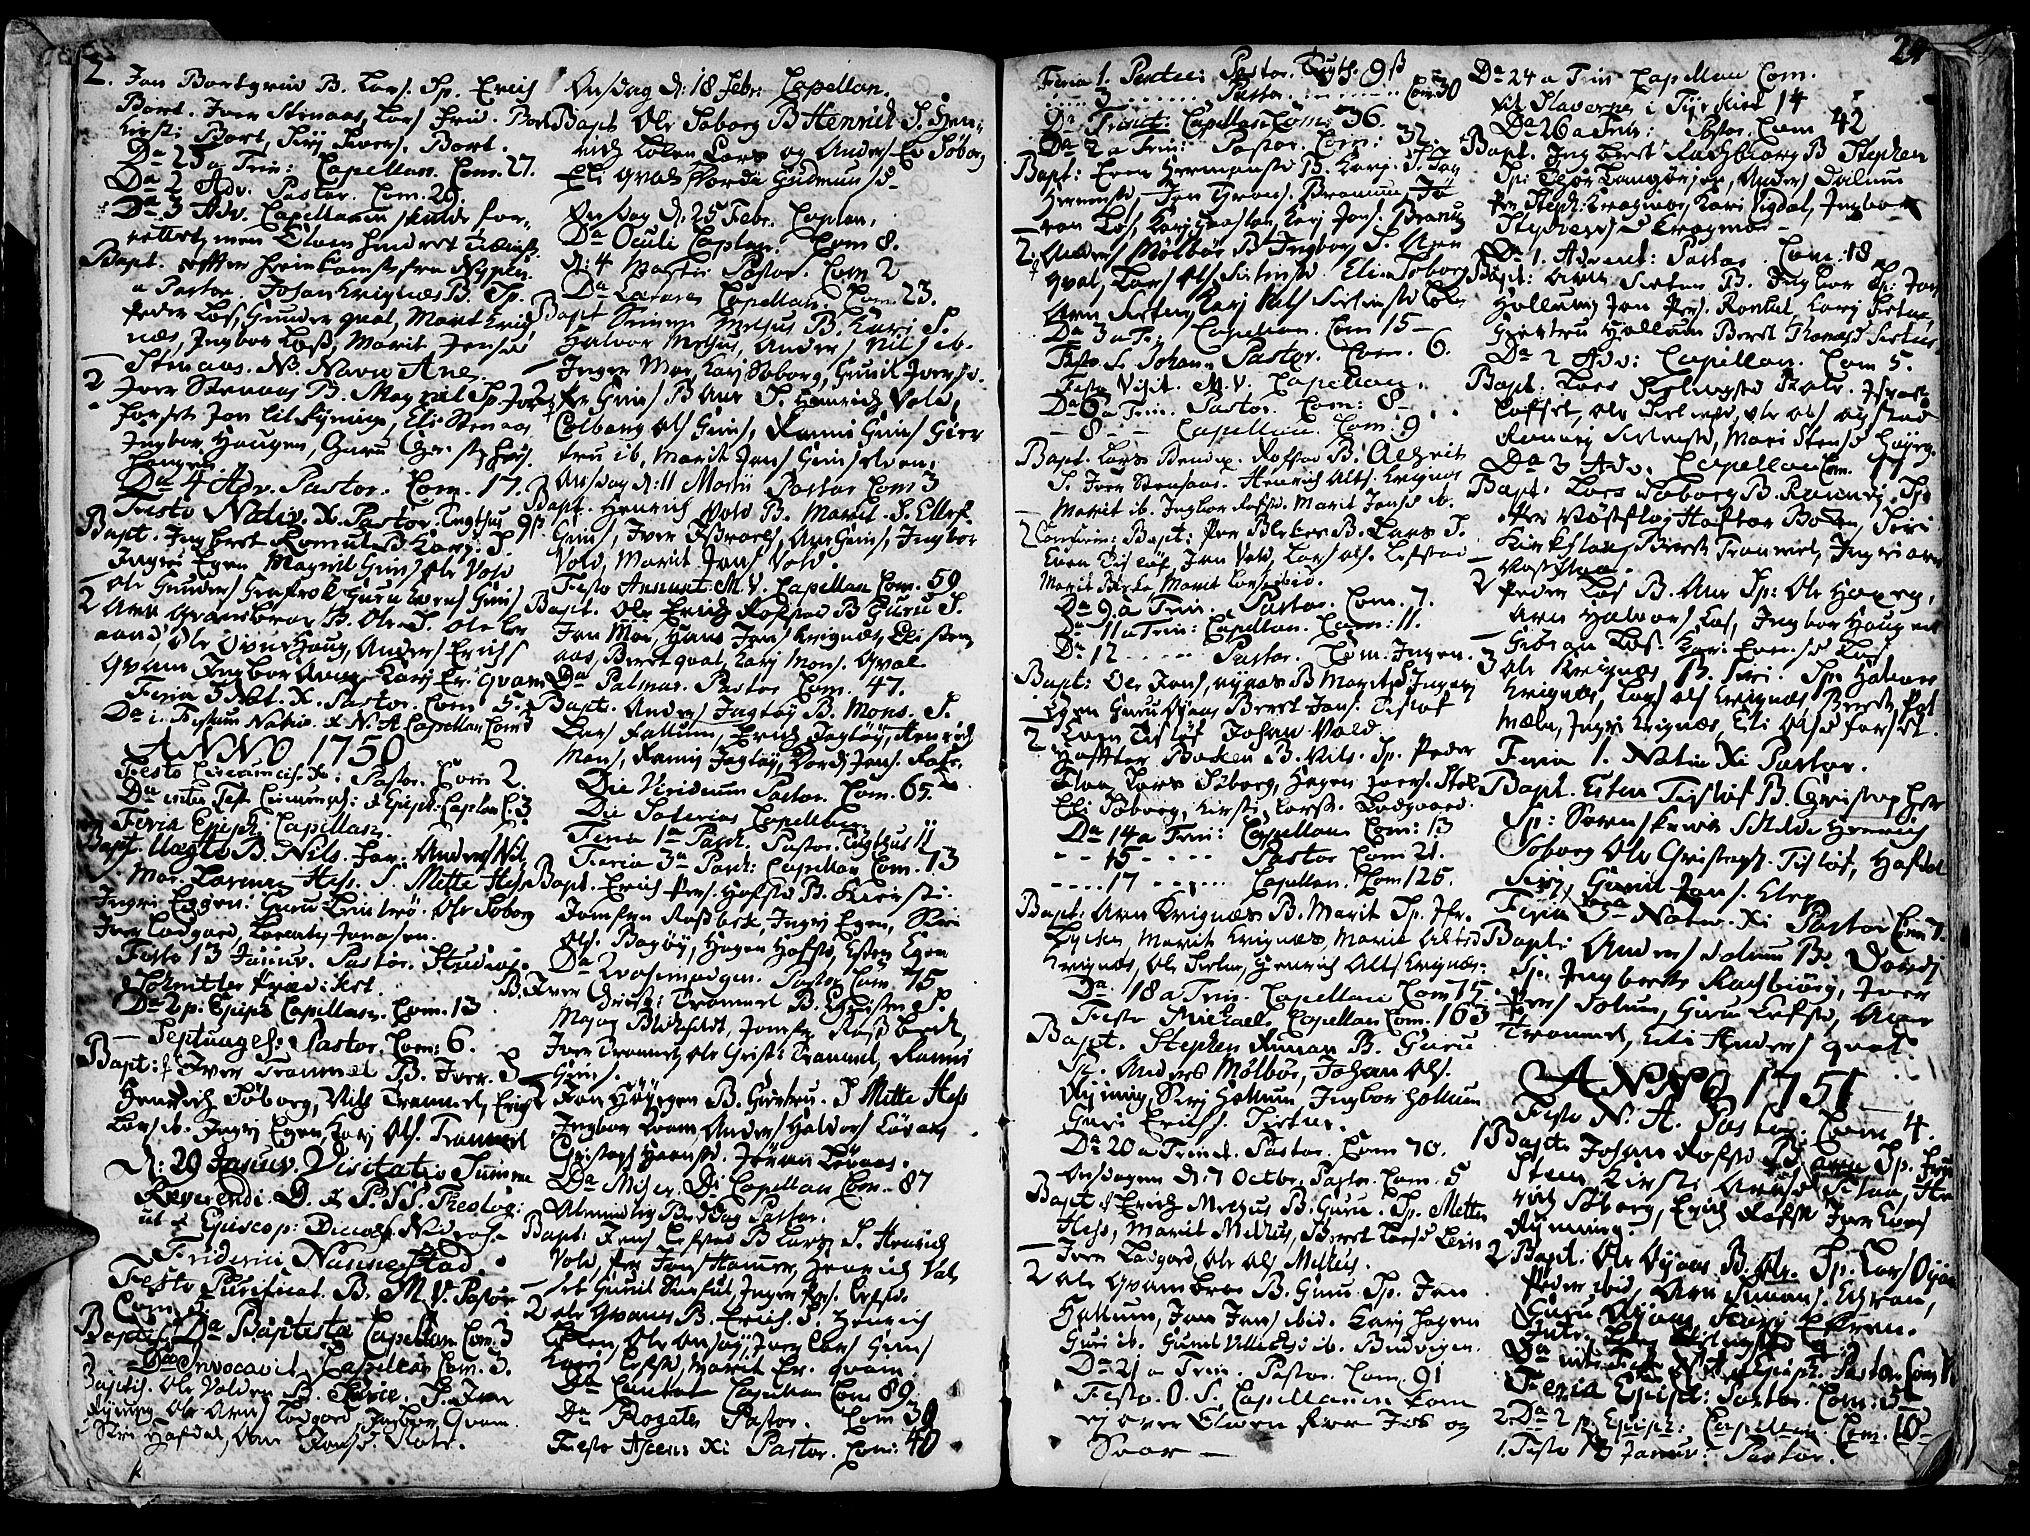 SAT, Ministerialprotokoller, klokkerbøker og fødselsregistre - Sør-Trøndelag, 691/L1057: Ministerialbok nr. 691A01 /1, 1740-1767, s. 24